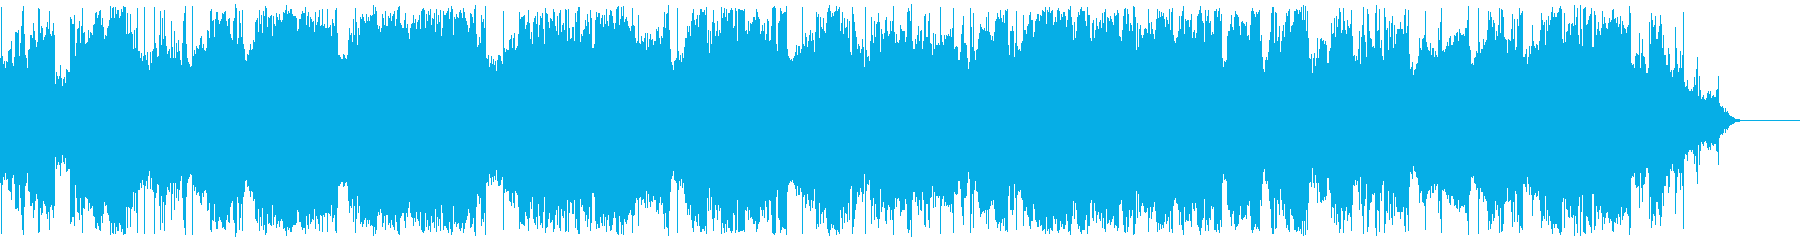 電力線バズとハムの再生済みの波形